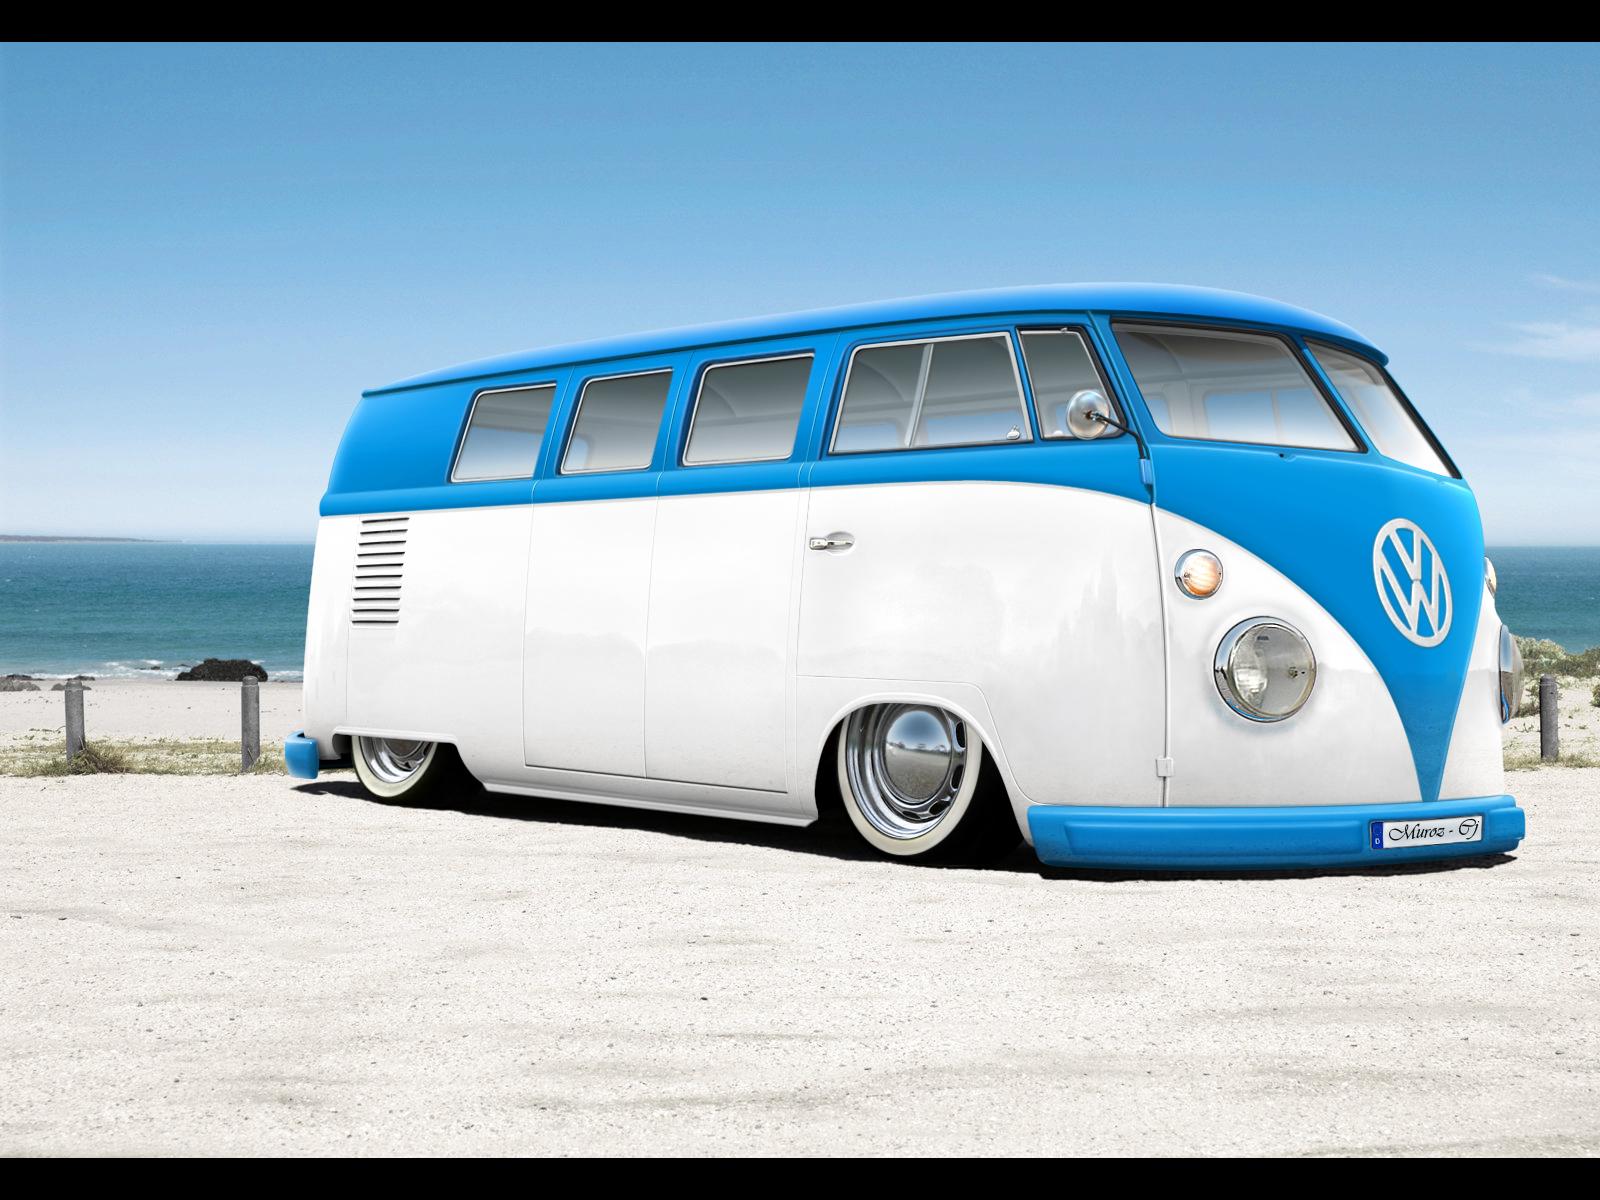 vw combi van hd desktop wallpapers volkswagen hippie bus 1600x1200